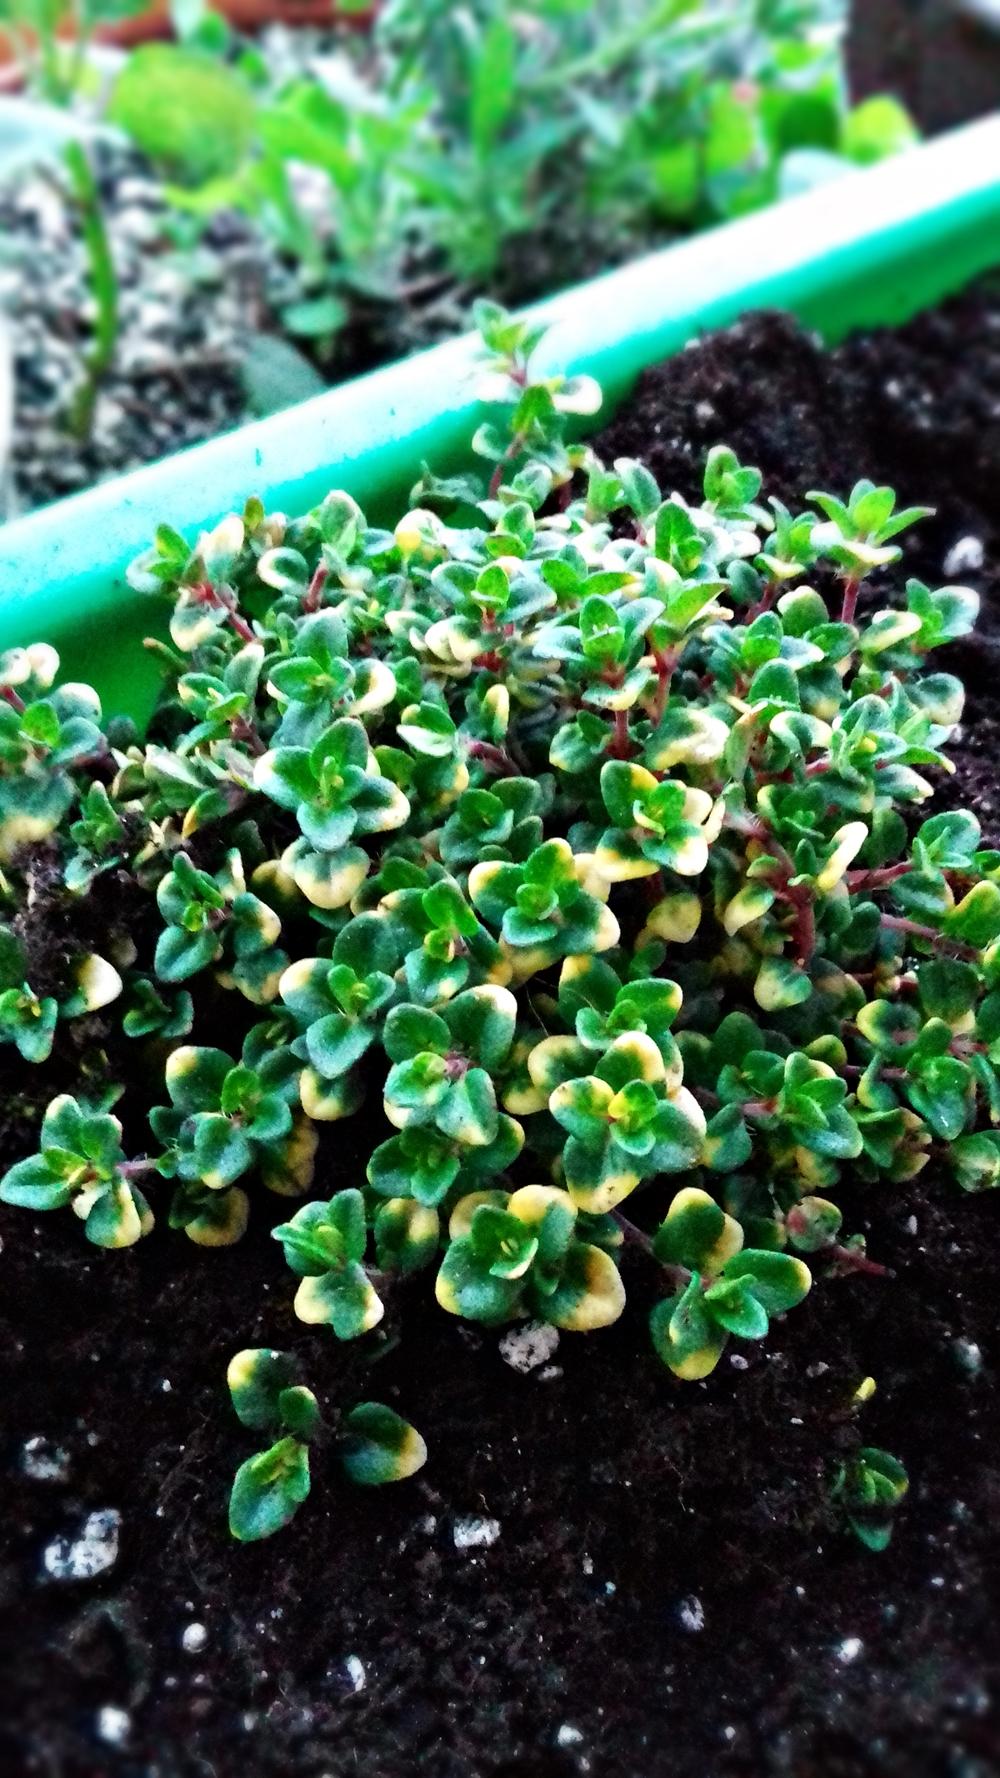 tymianek cytrynowy - pachnąca bylina o dwubarwnych liściach i cytrynowym aromacie